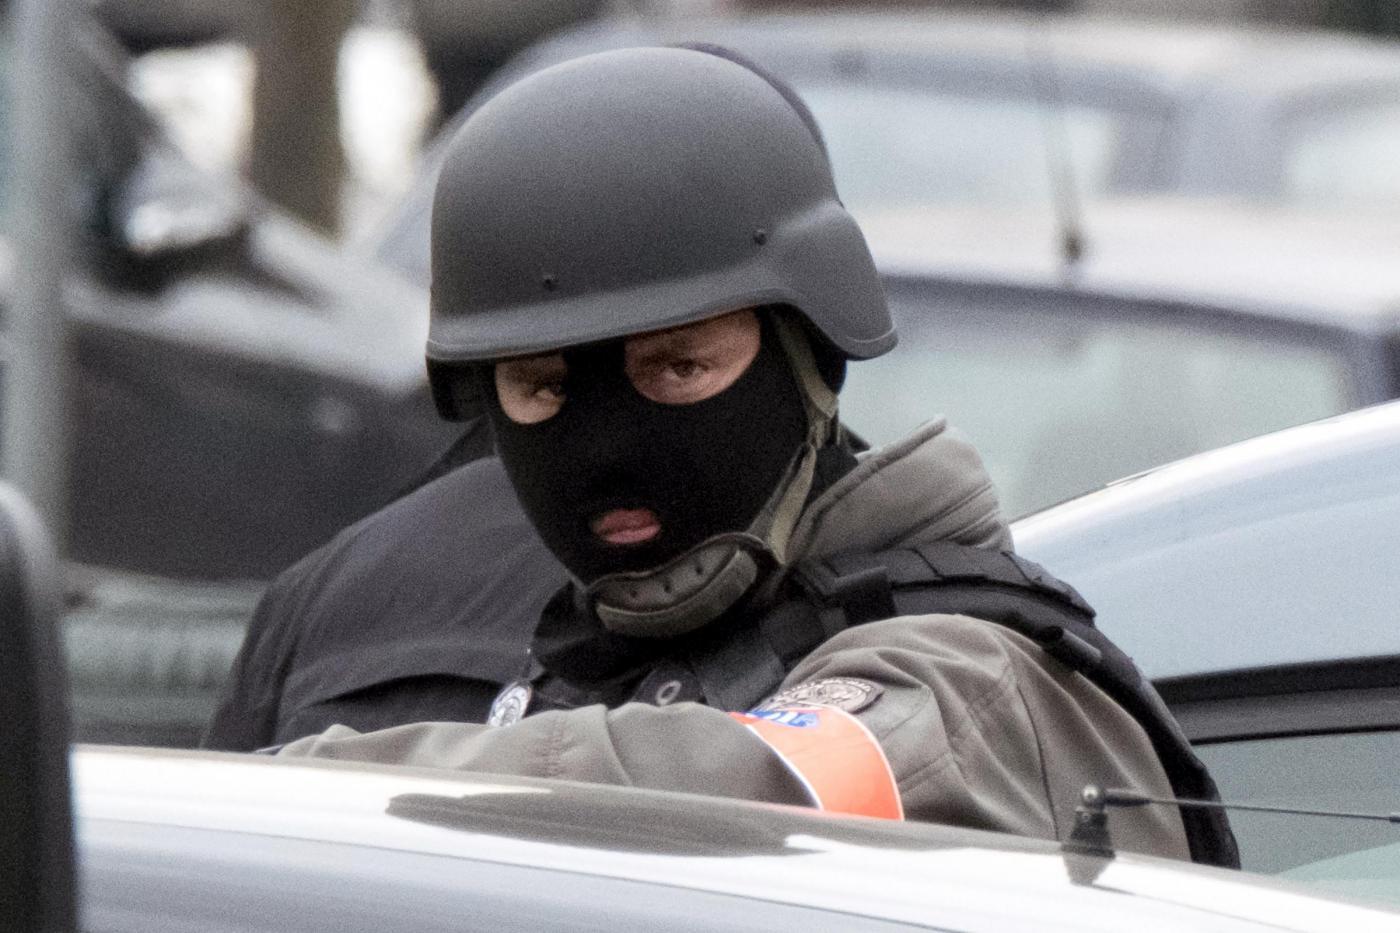 Blitz anti terrorismo, arrestate 4 persone in Francia